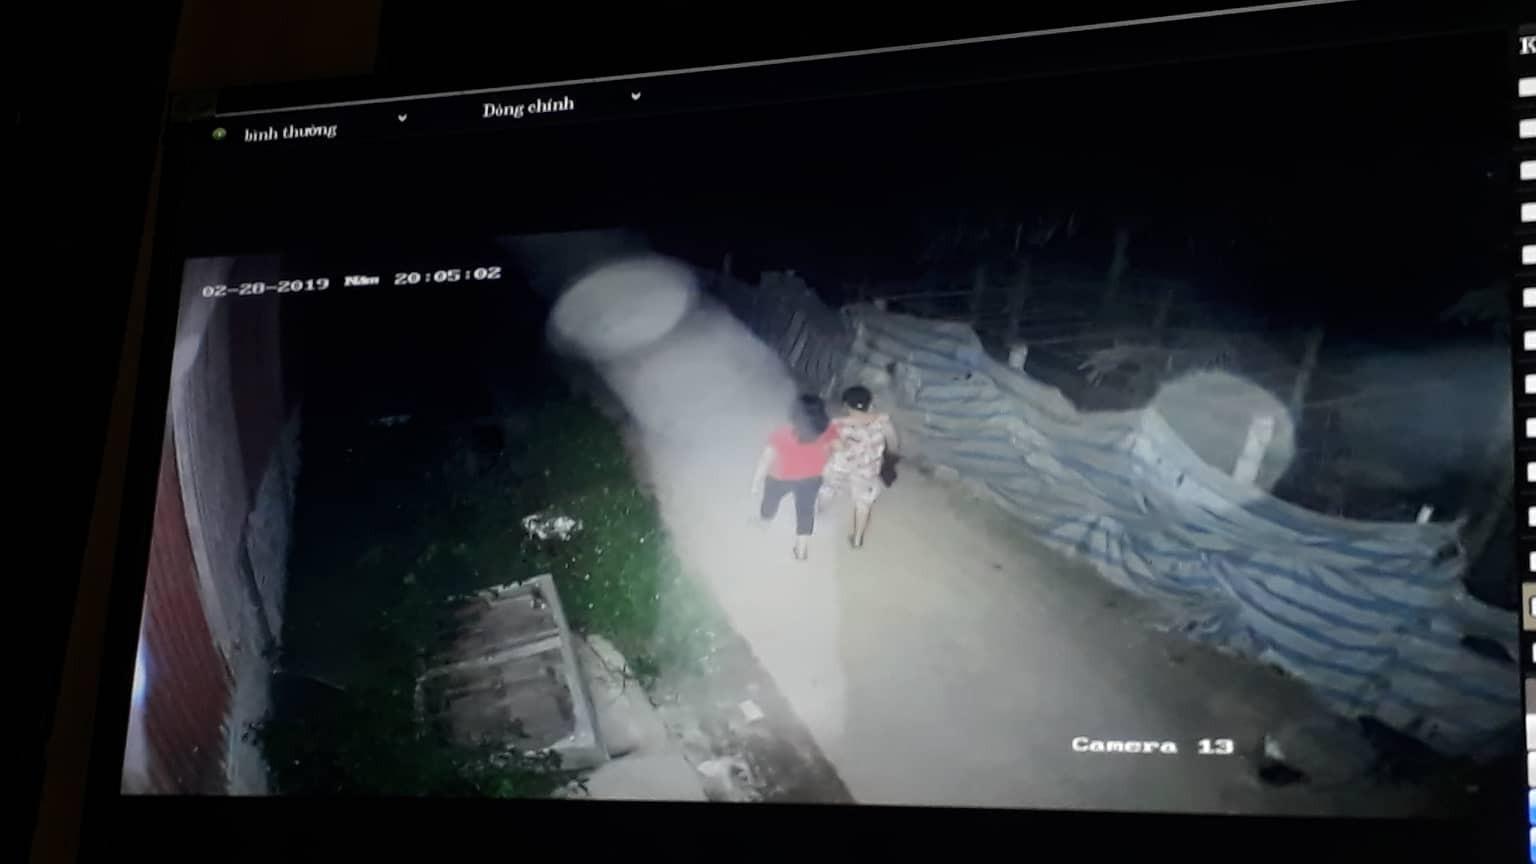 Vụ người phụ nữ đi tập thể dục bị giết, nhân chứng uống nước lạ tử vong: Trích xuất camera khoảnh khắc trước khi xảy ra sự việc - Ảnh 1